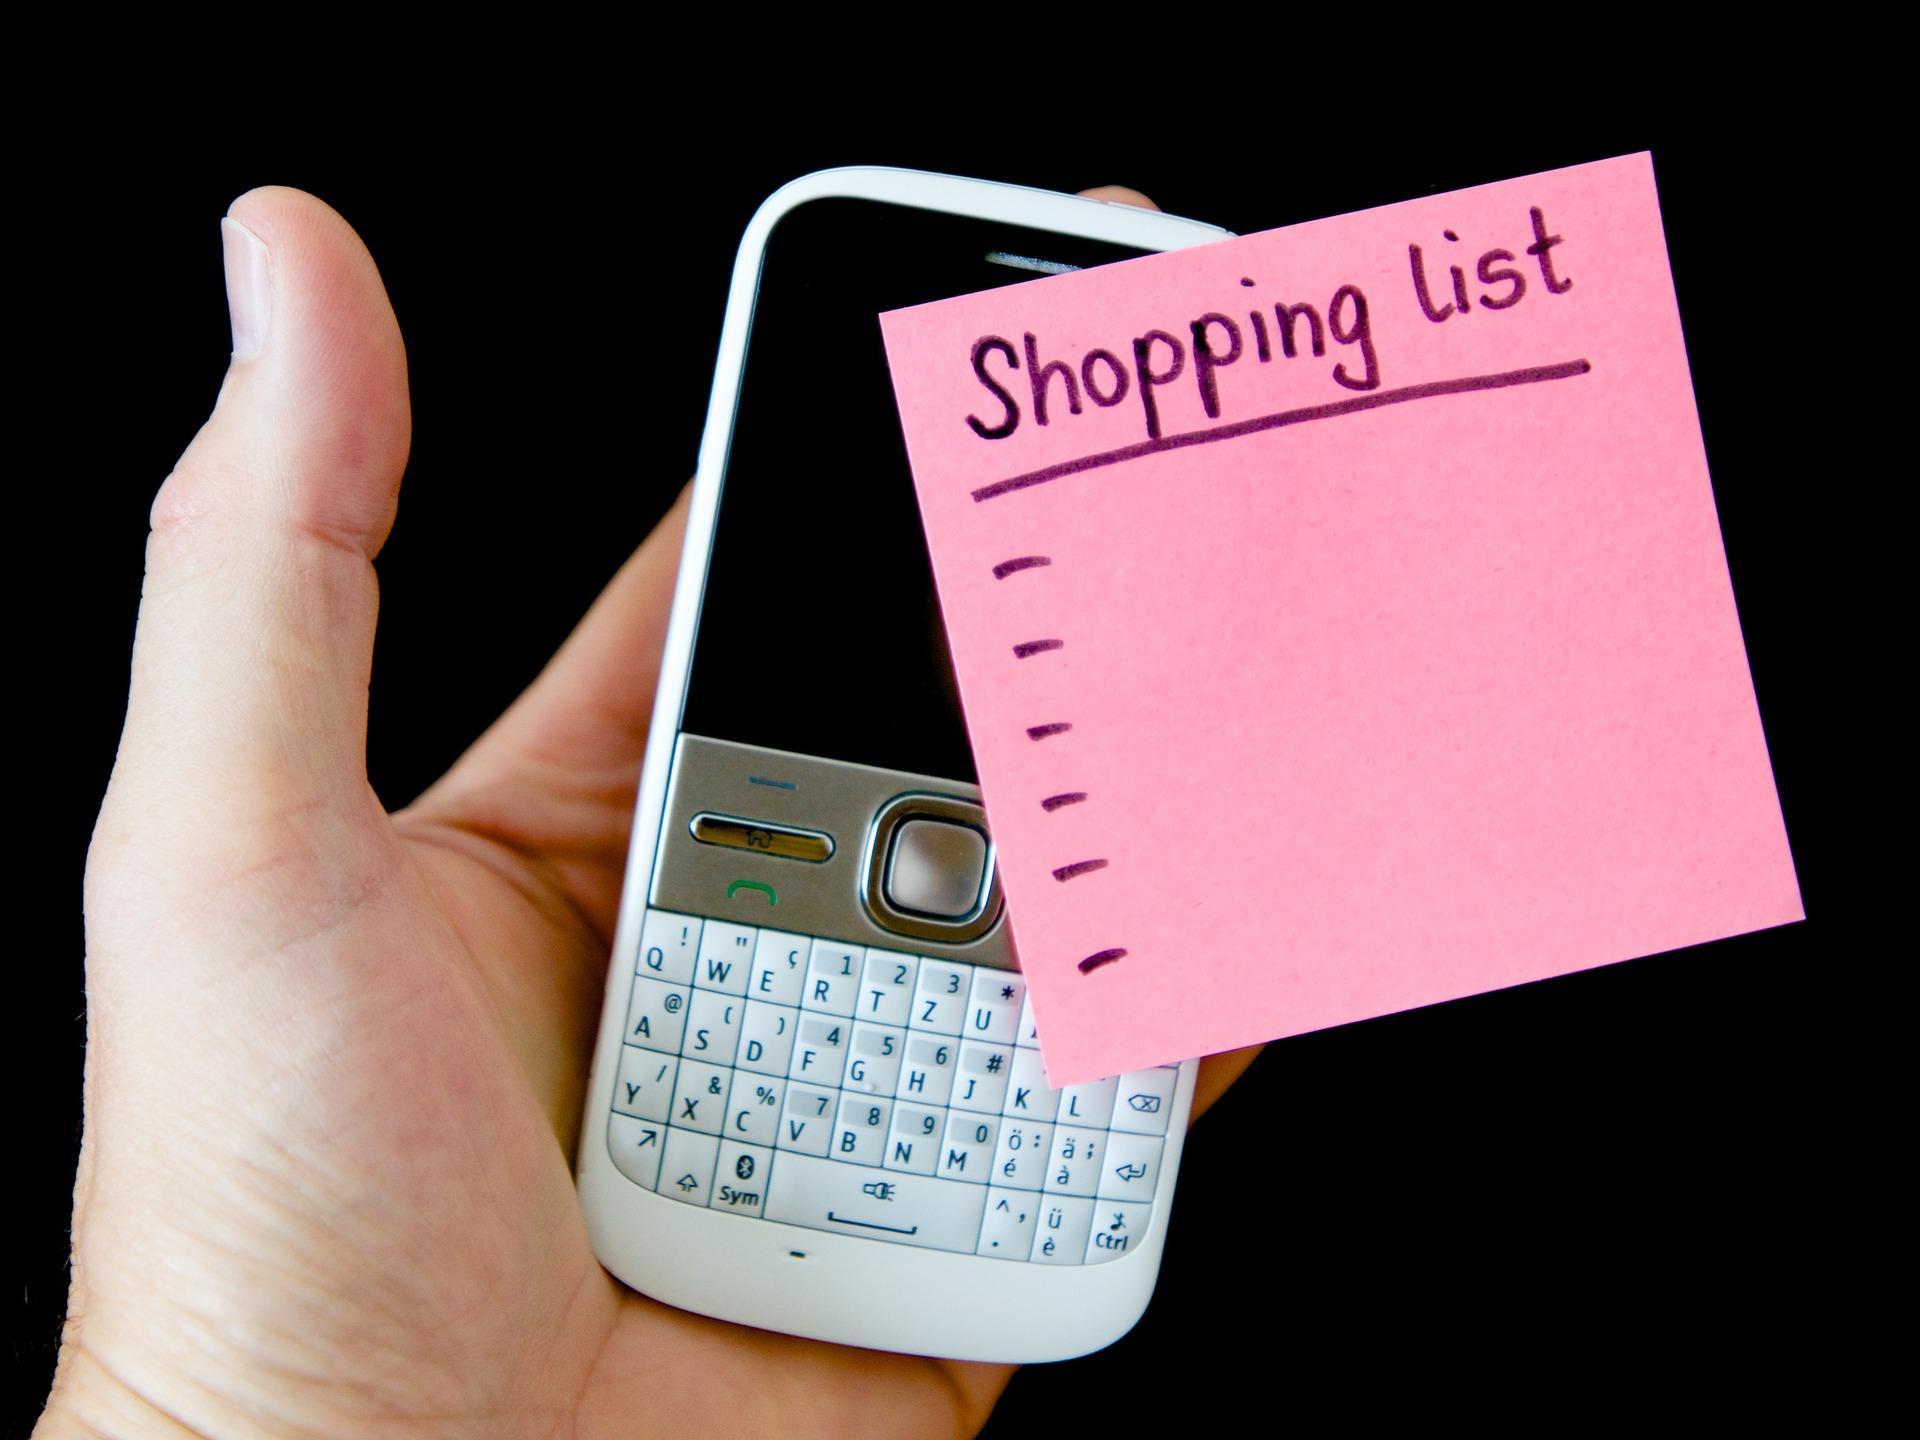 Mano sujetando un móvil con un post-it con la lista de la compra